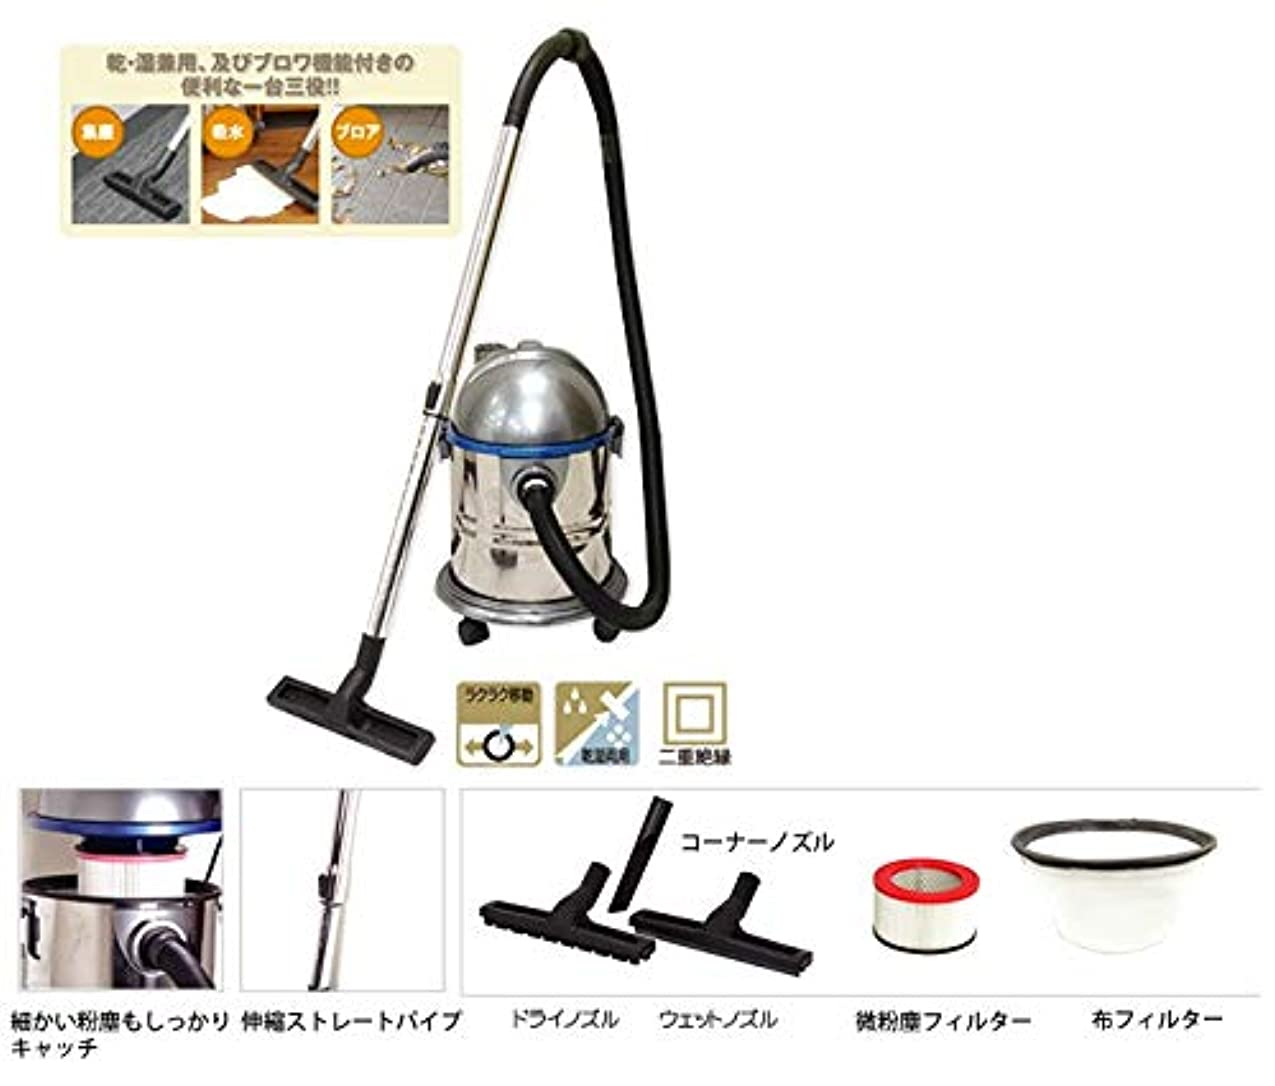 干渉する聖人病院ナカトミ(NAKATOMI) 乾湿両用集塵機 NVC-18N